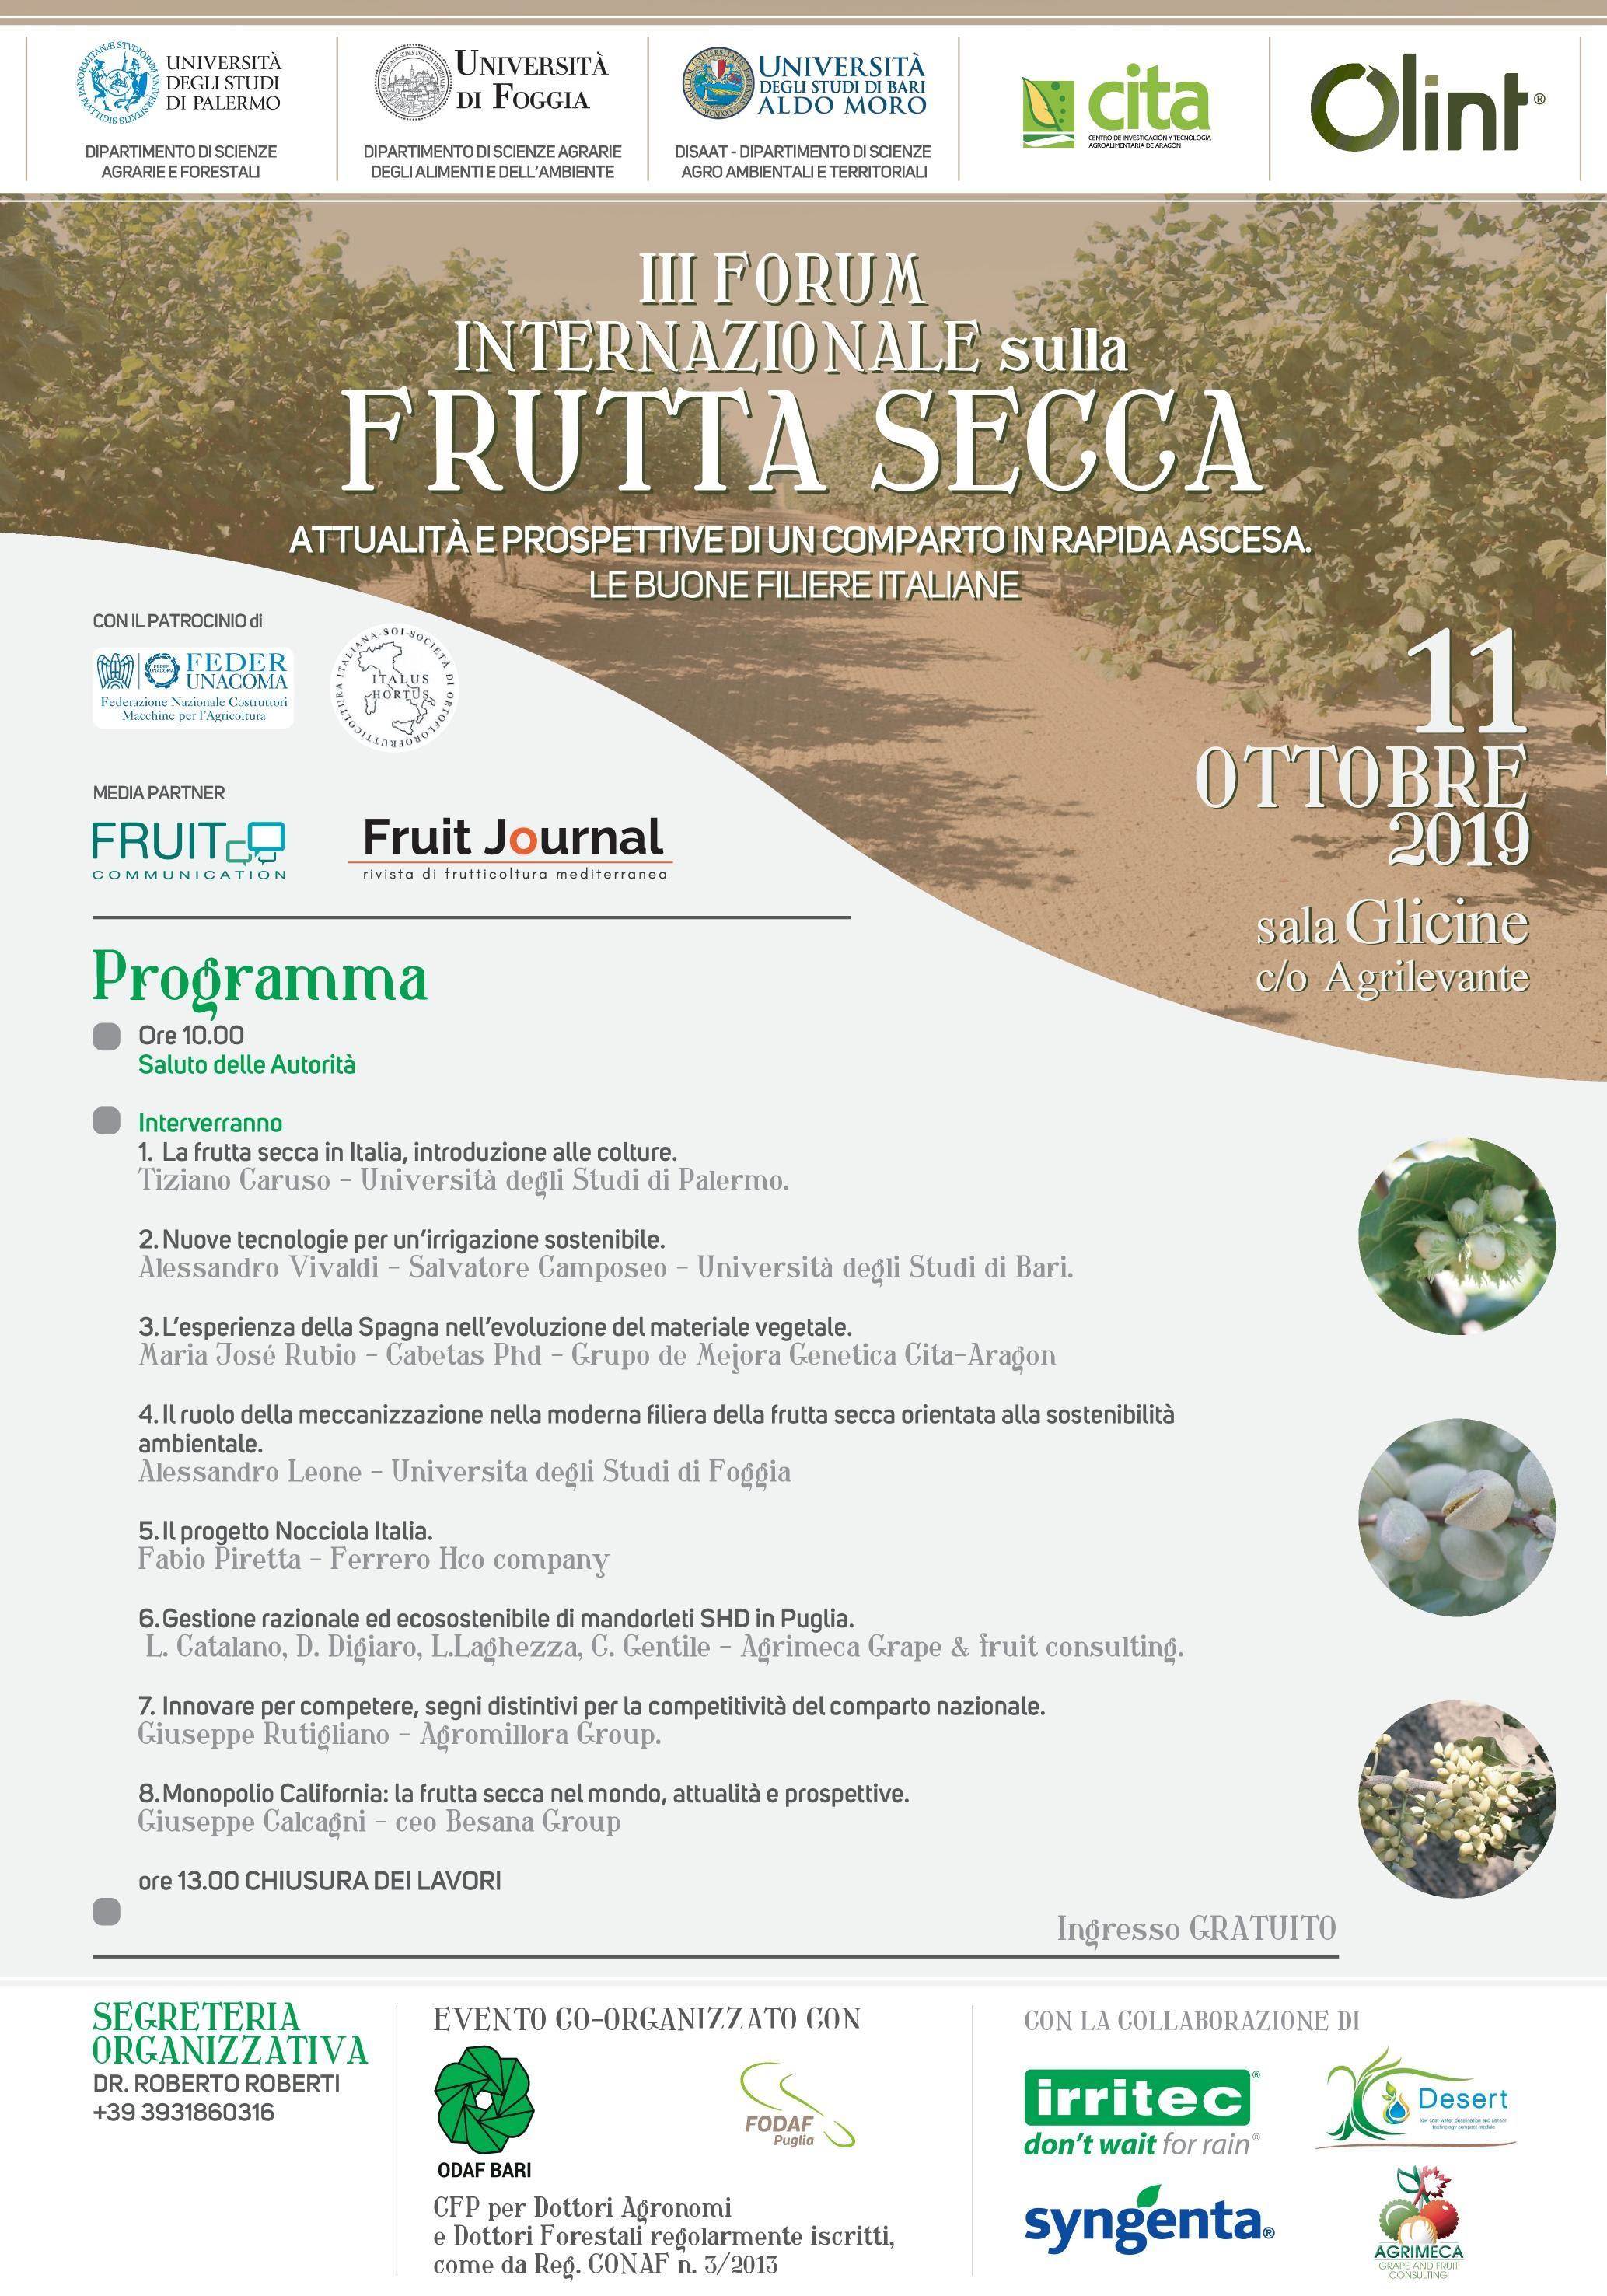 Forum internazionale sulla frutta secca_Bari 11 ottobre